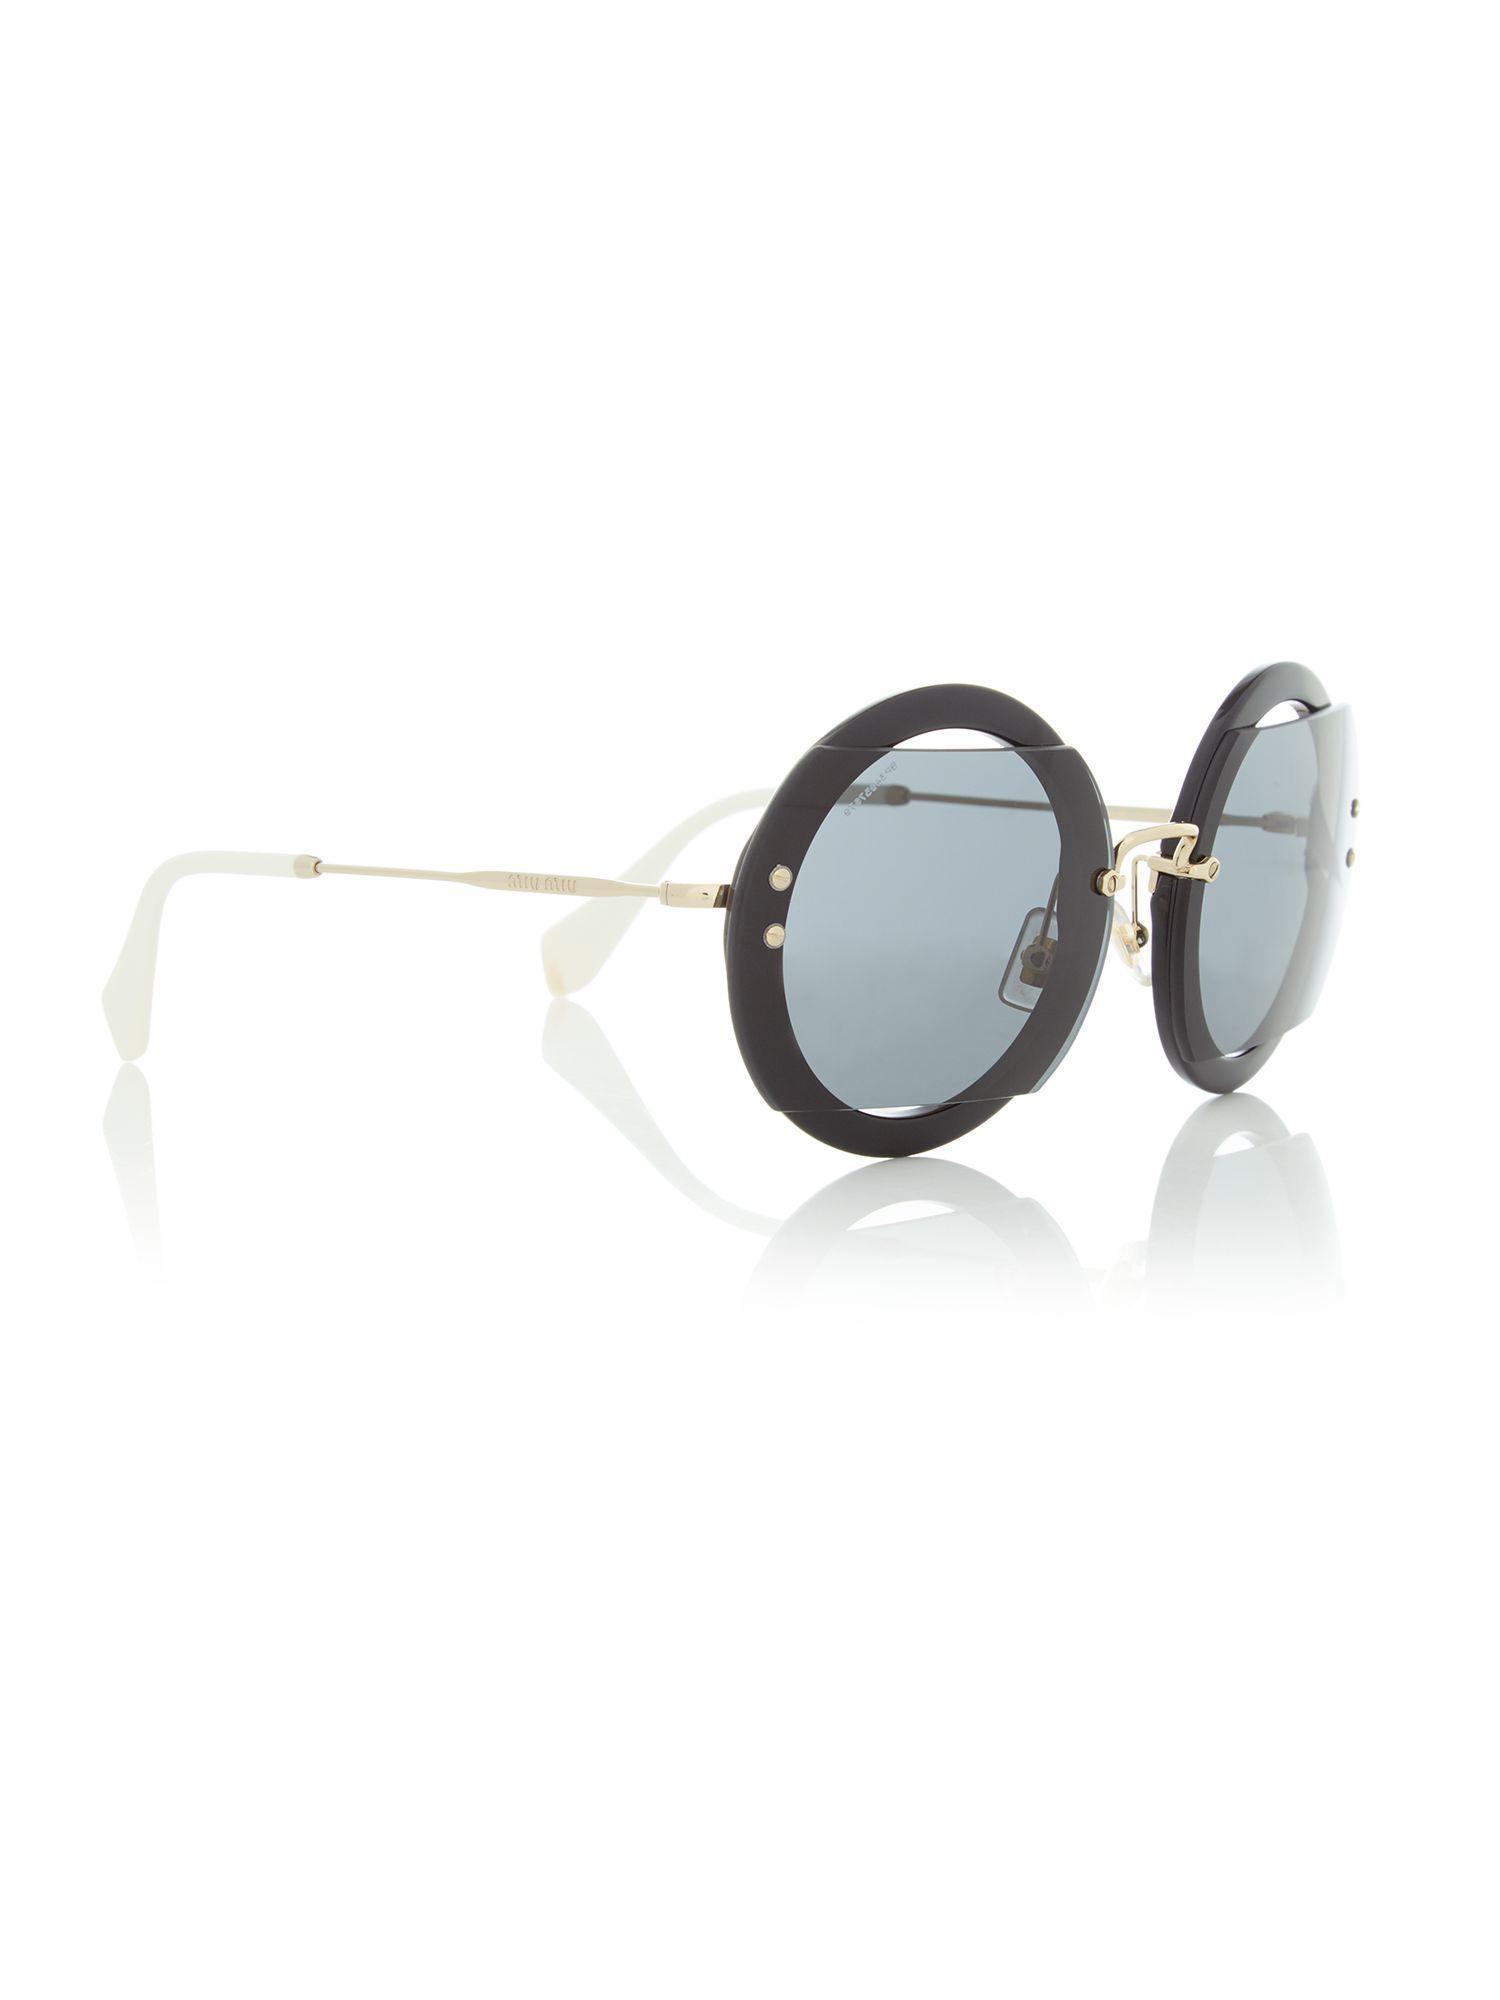 faeb31fde72 Miu Miu Black Mu 06ss Round Sunglasses in Black - Save 21% - Lyst